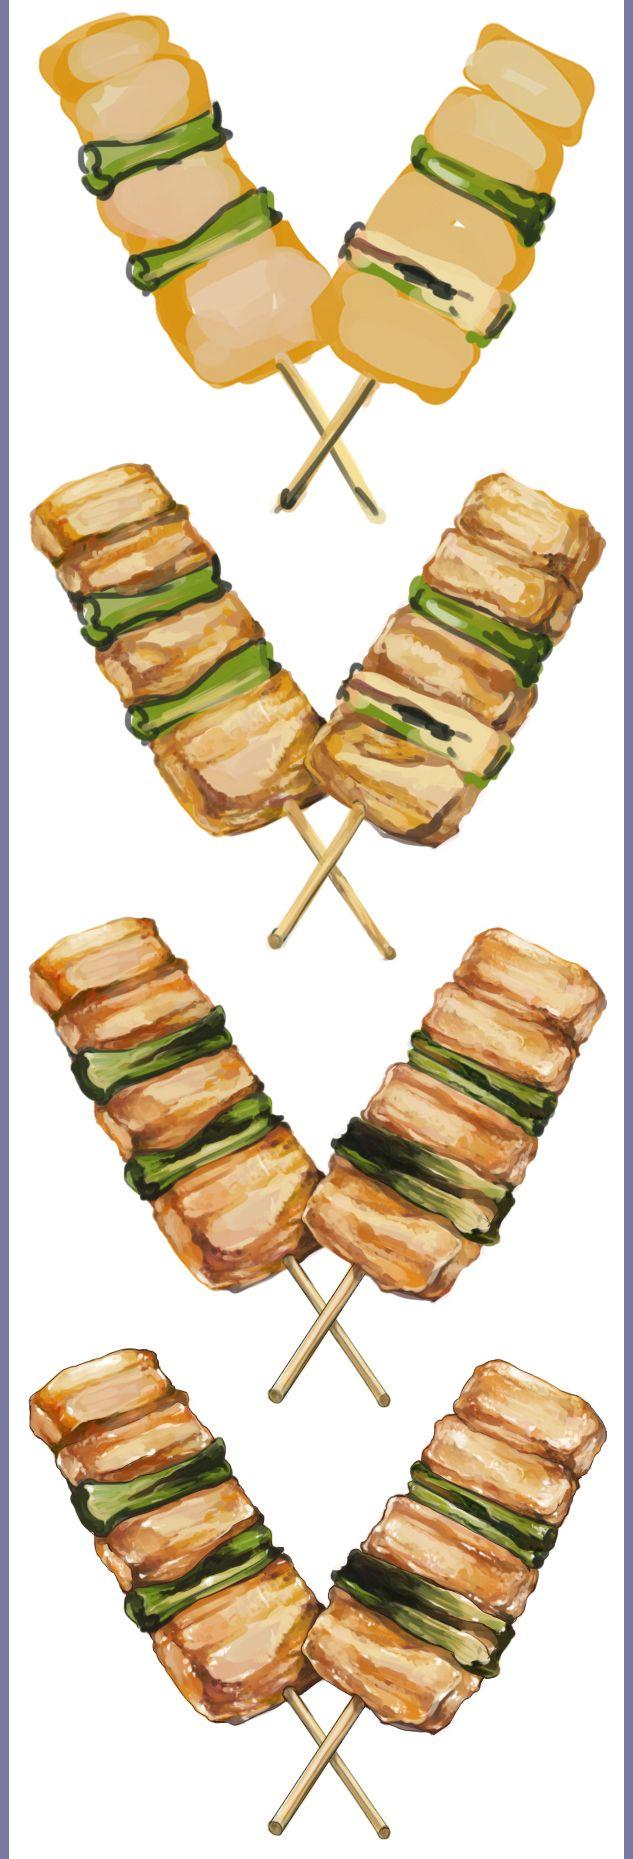 豚串とアンキモ うずしの日課 食べ物 イラスト 居酒屋 イラスト 食品イラスト